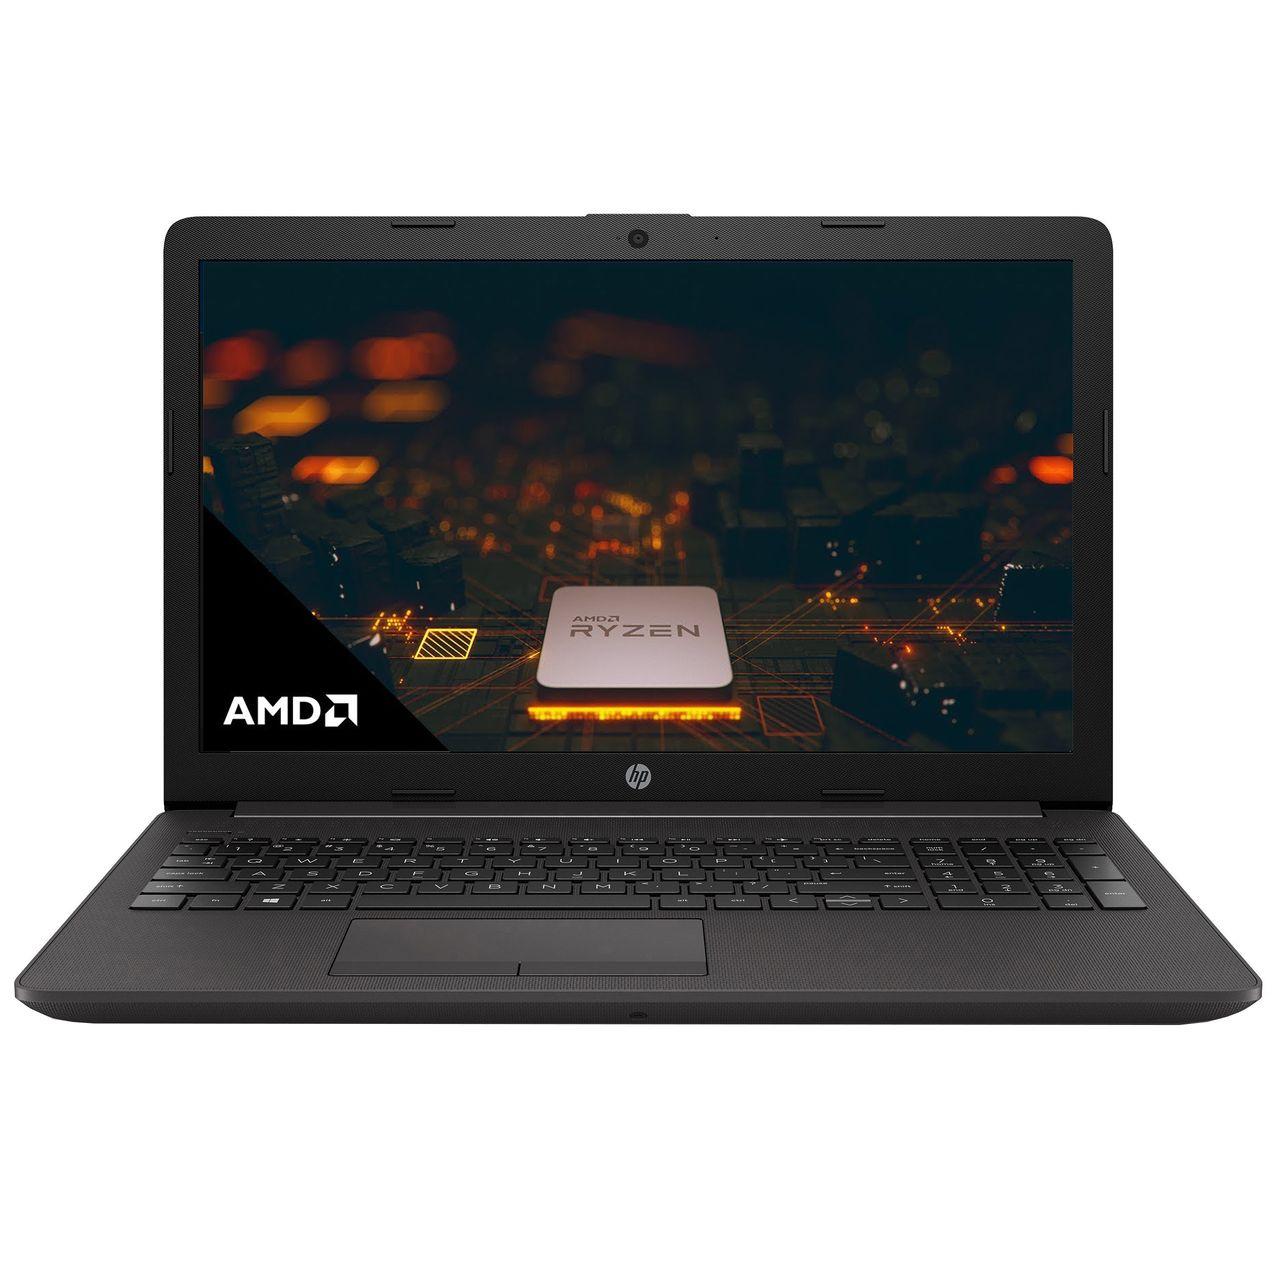 لپ تاپ ۱۵.۶ اینچی اچپی مدل ۲۵۵ G7-R3C